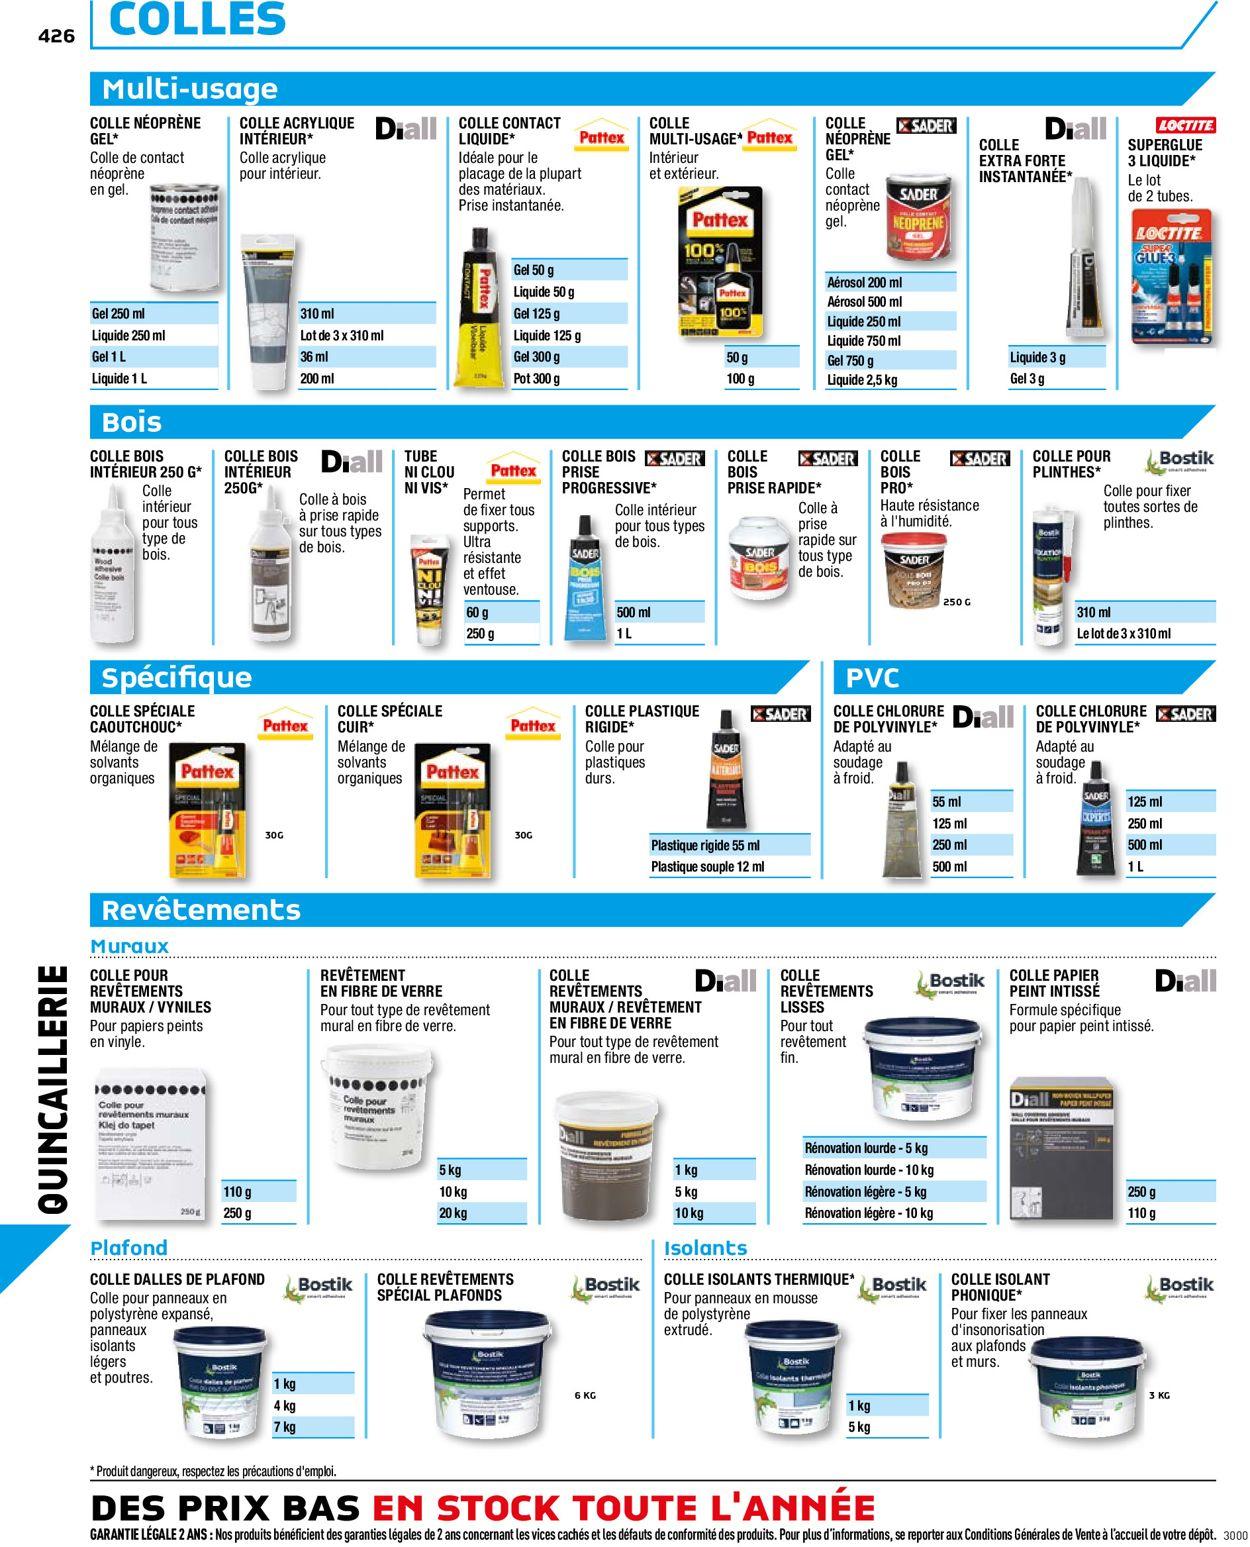 Brico Dépôt Catalogue Actuel 20.08 - 03.03.2021 [426 ... concernant Goudron Liquide Brico Depot